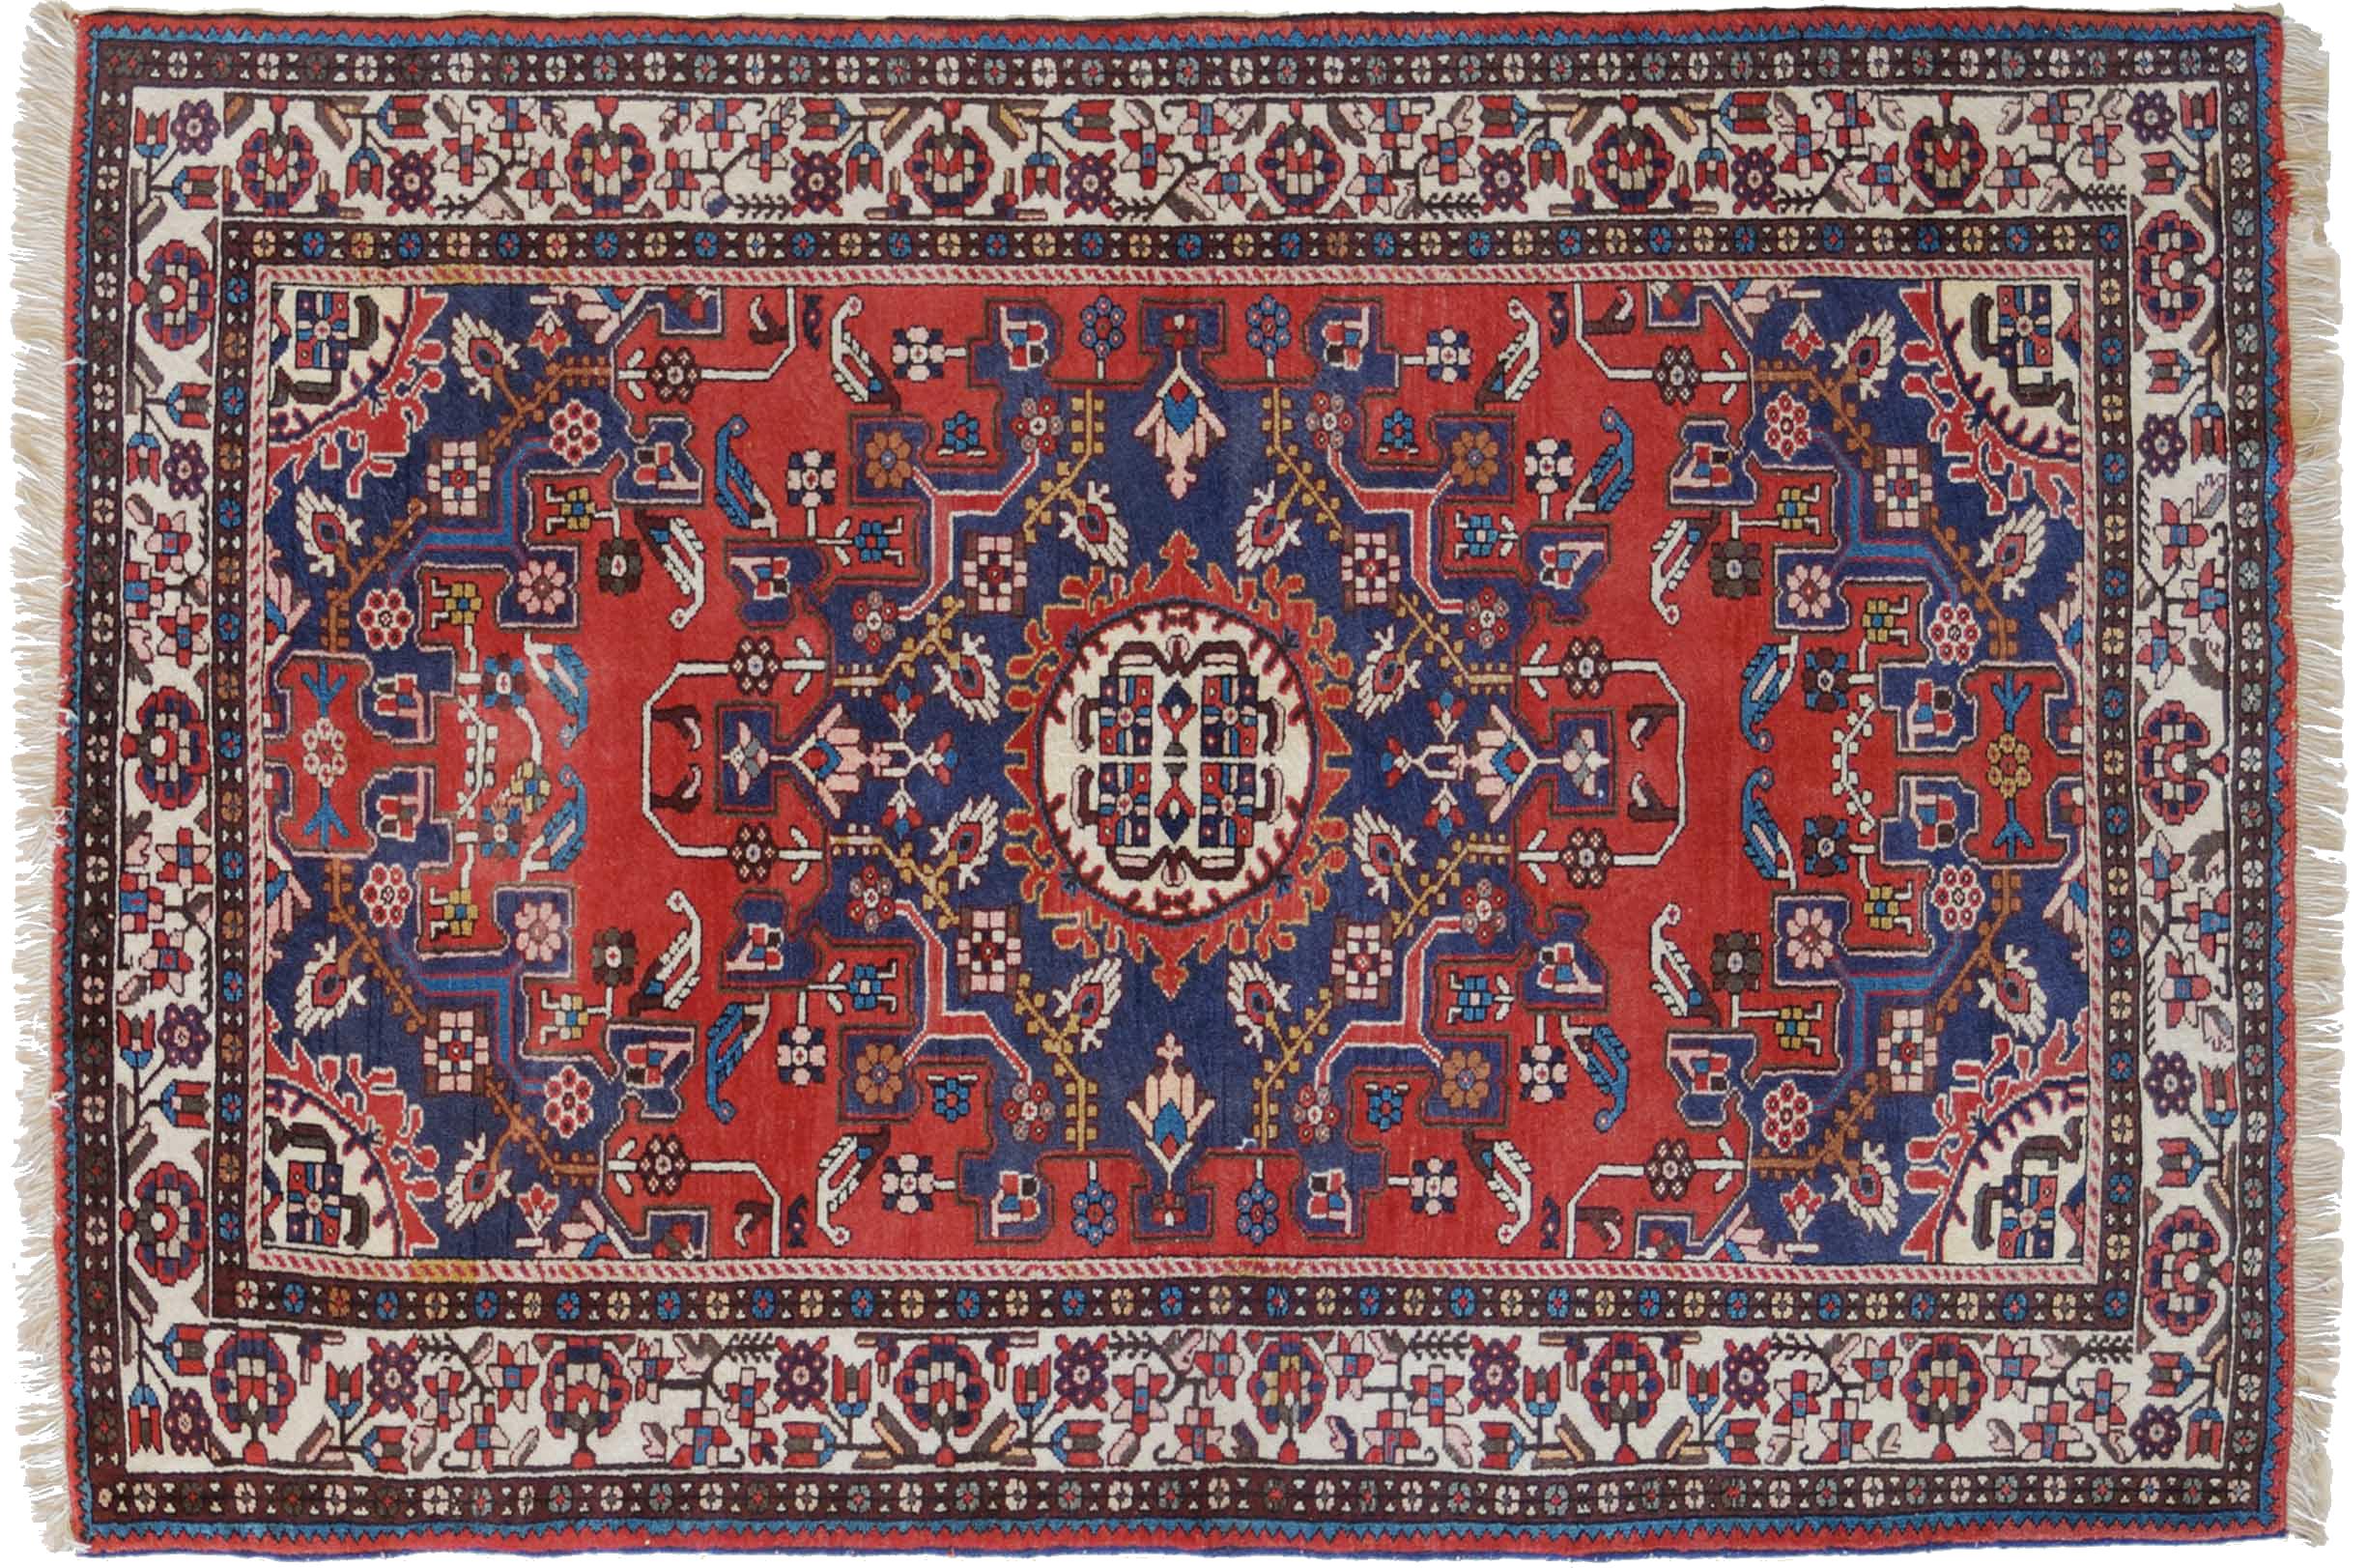 Tappeto persiano tafresh di moranditappeti morandi tappeti - Pulizia tappeto persiano ...